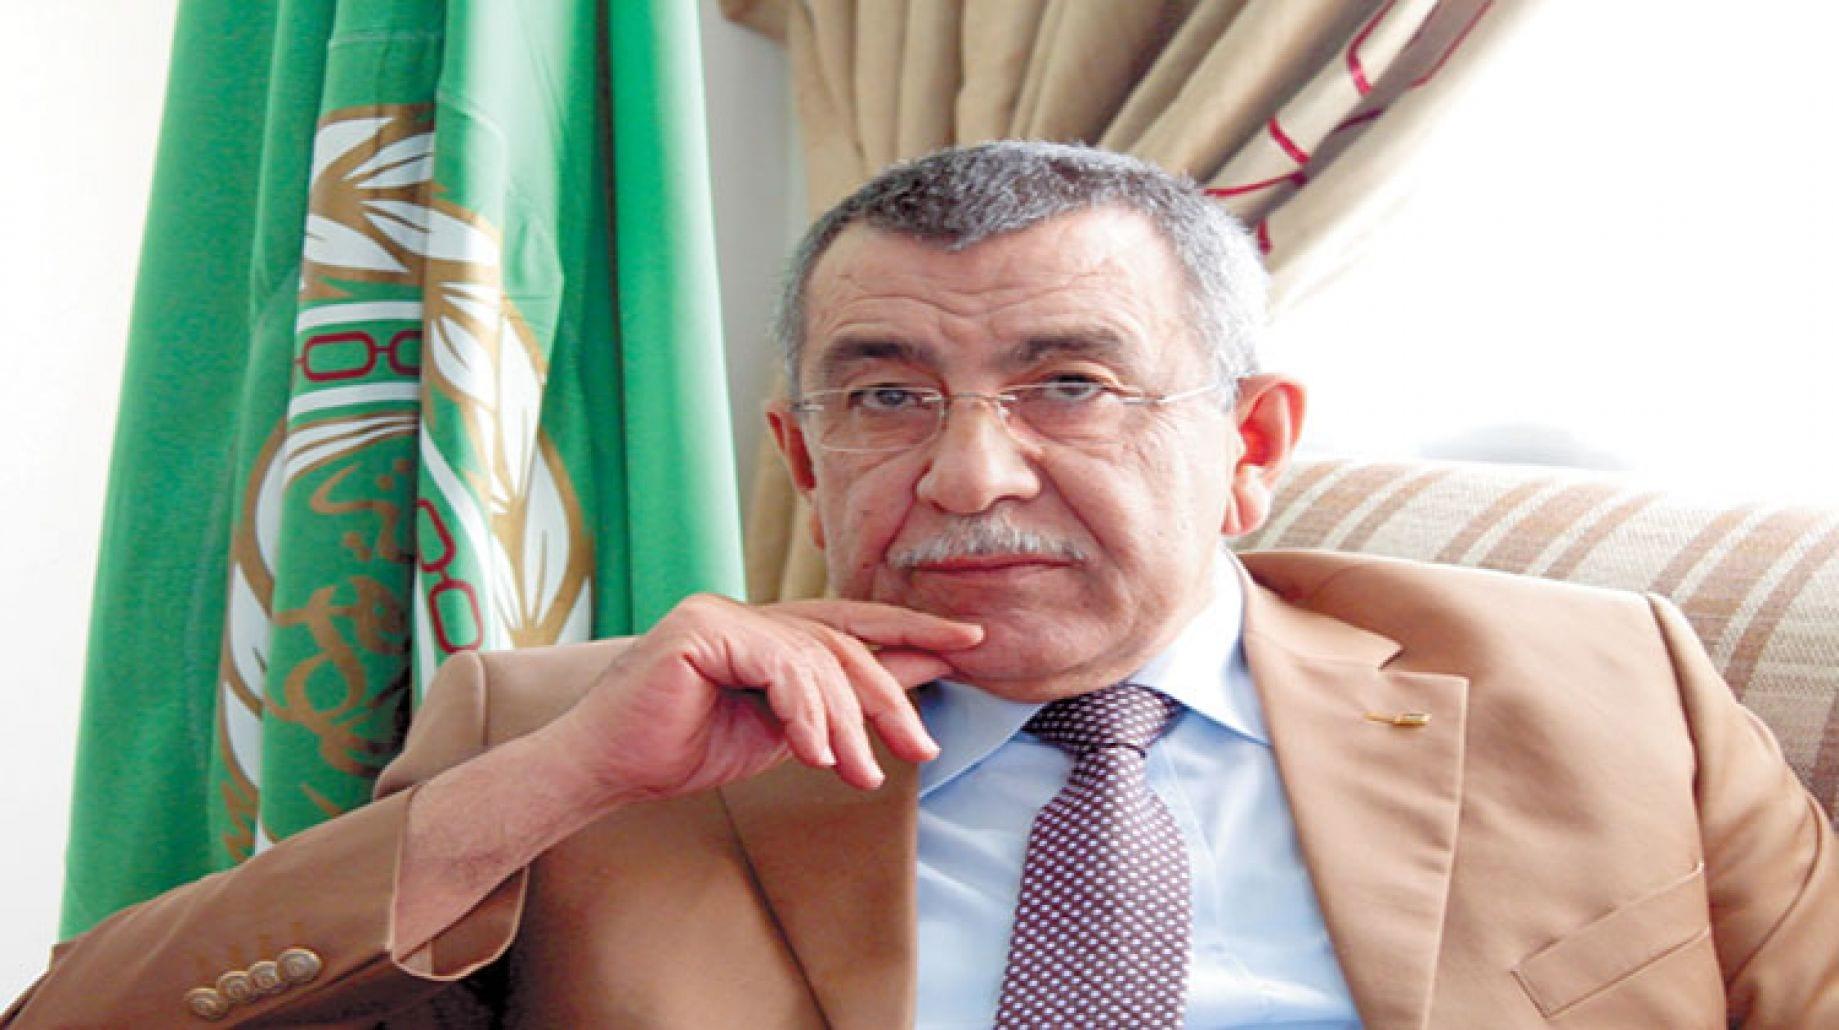 أبو علي يدعو للضغط على إسرائيل لعدم عرقلة الانتخابات الفلسطينية